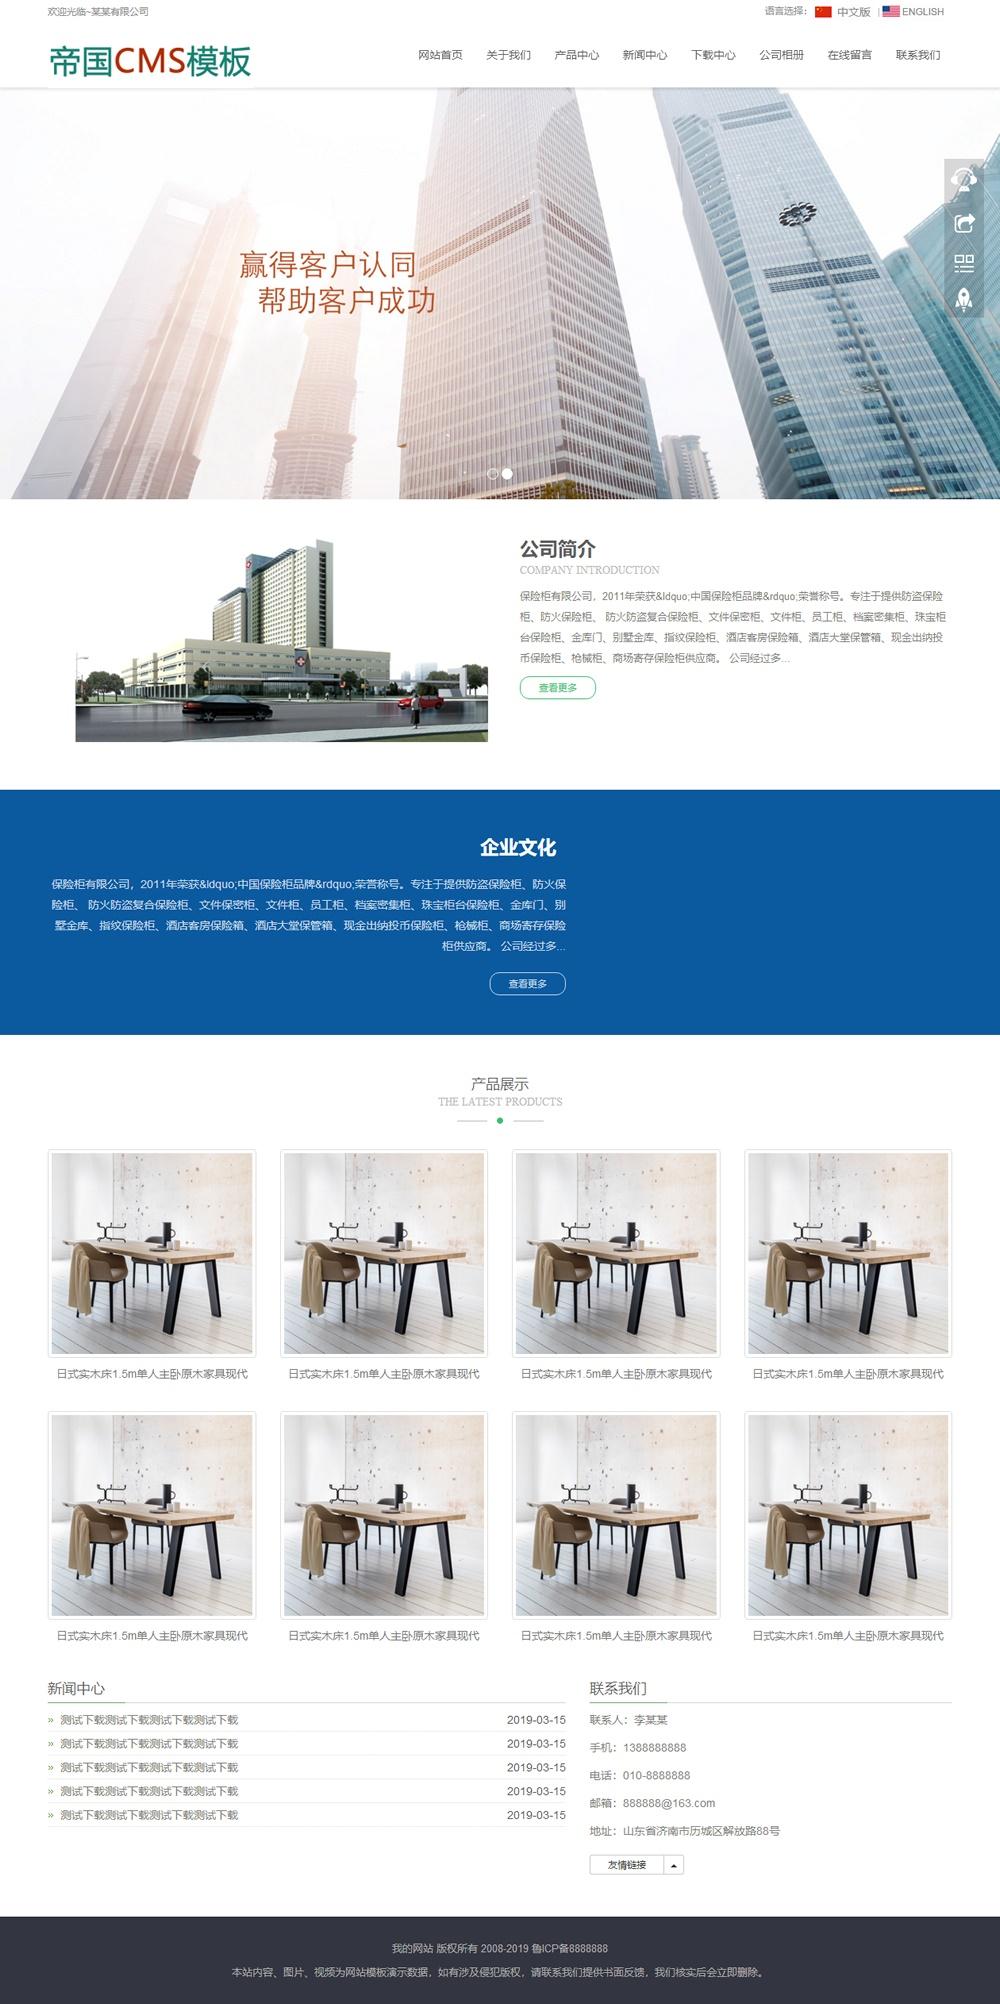 帝国cms自适应响应式中英文双语公司企业通用网站模板_首页